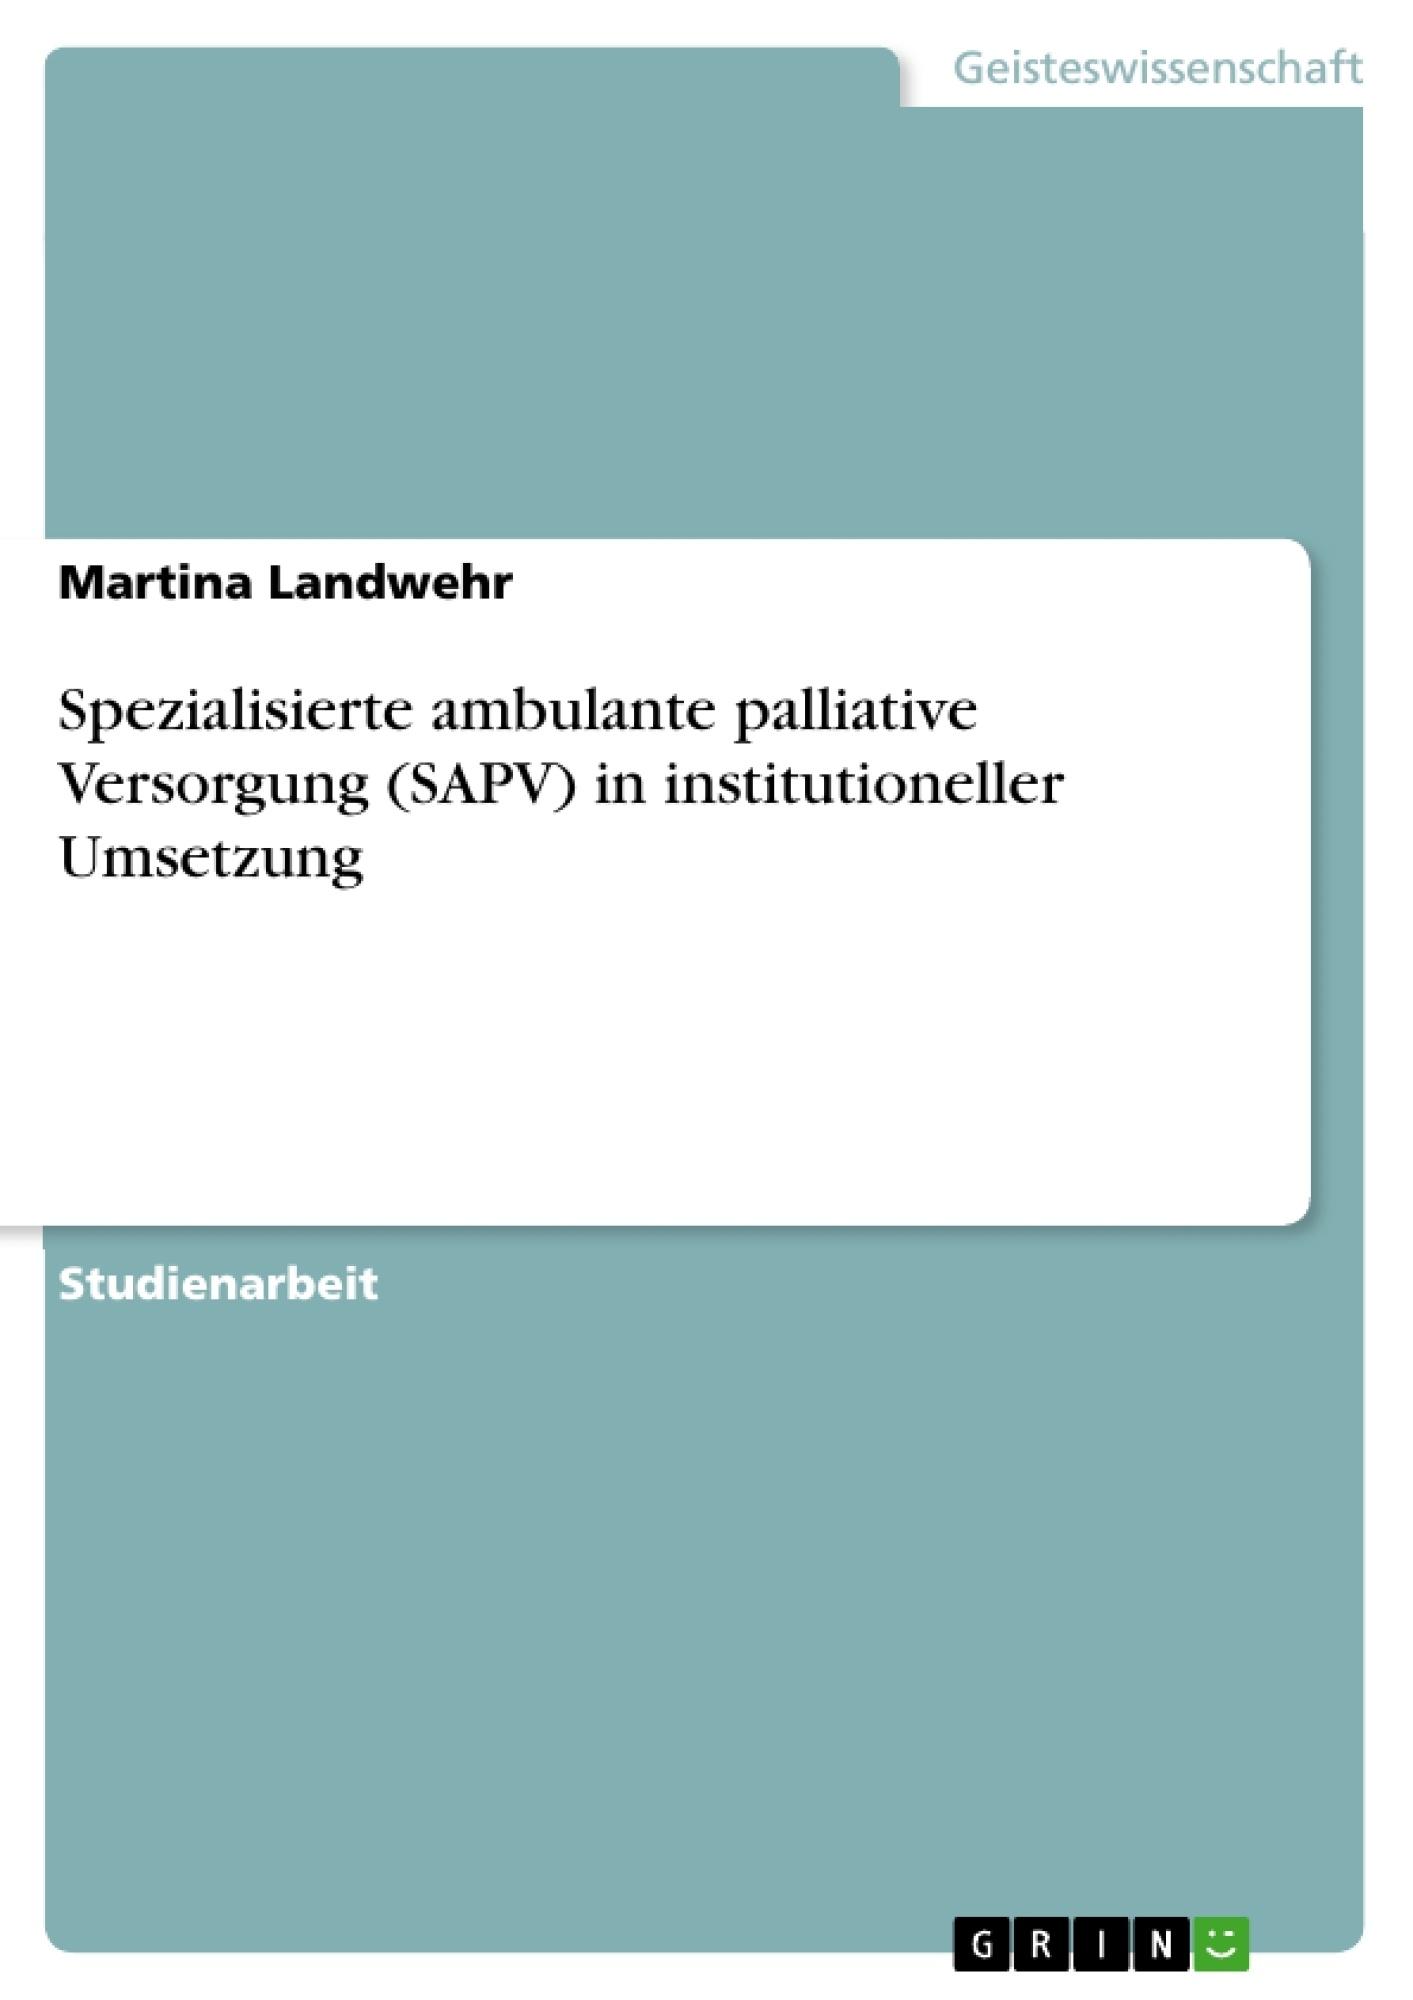 Titel: Spezialisierte ambulante palliative Versorgung (SAPV) in institutioneller Umsetzung